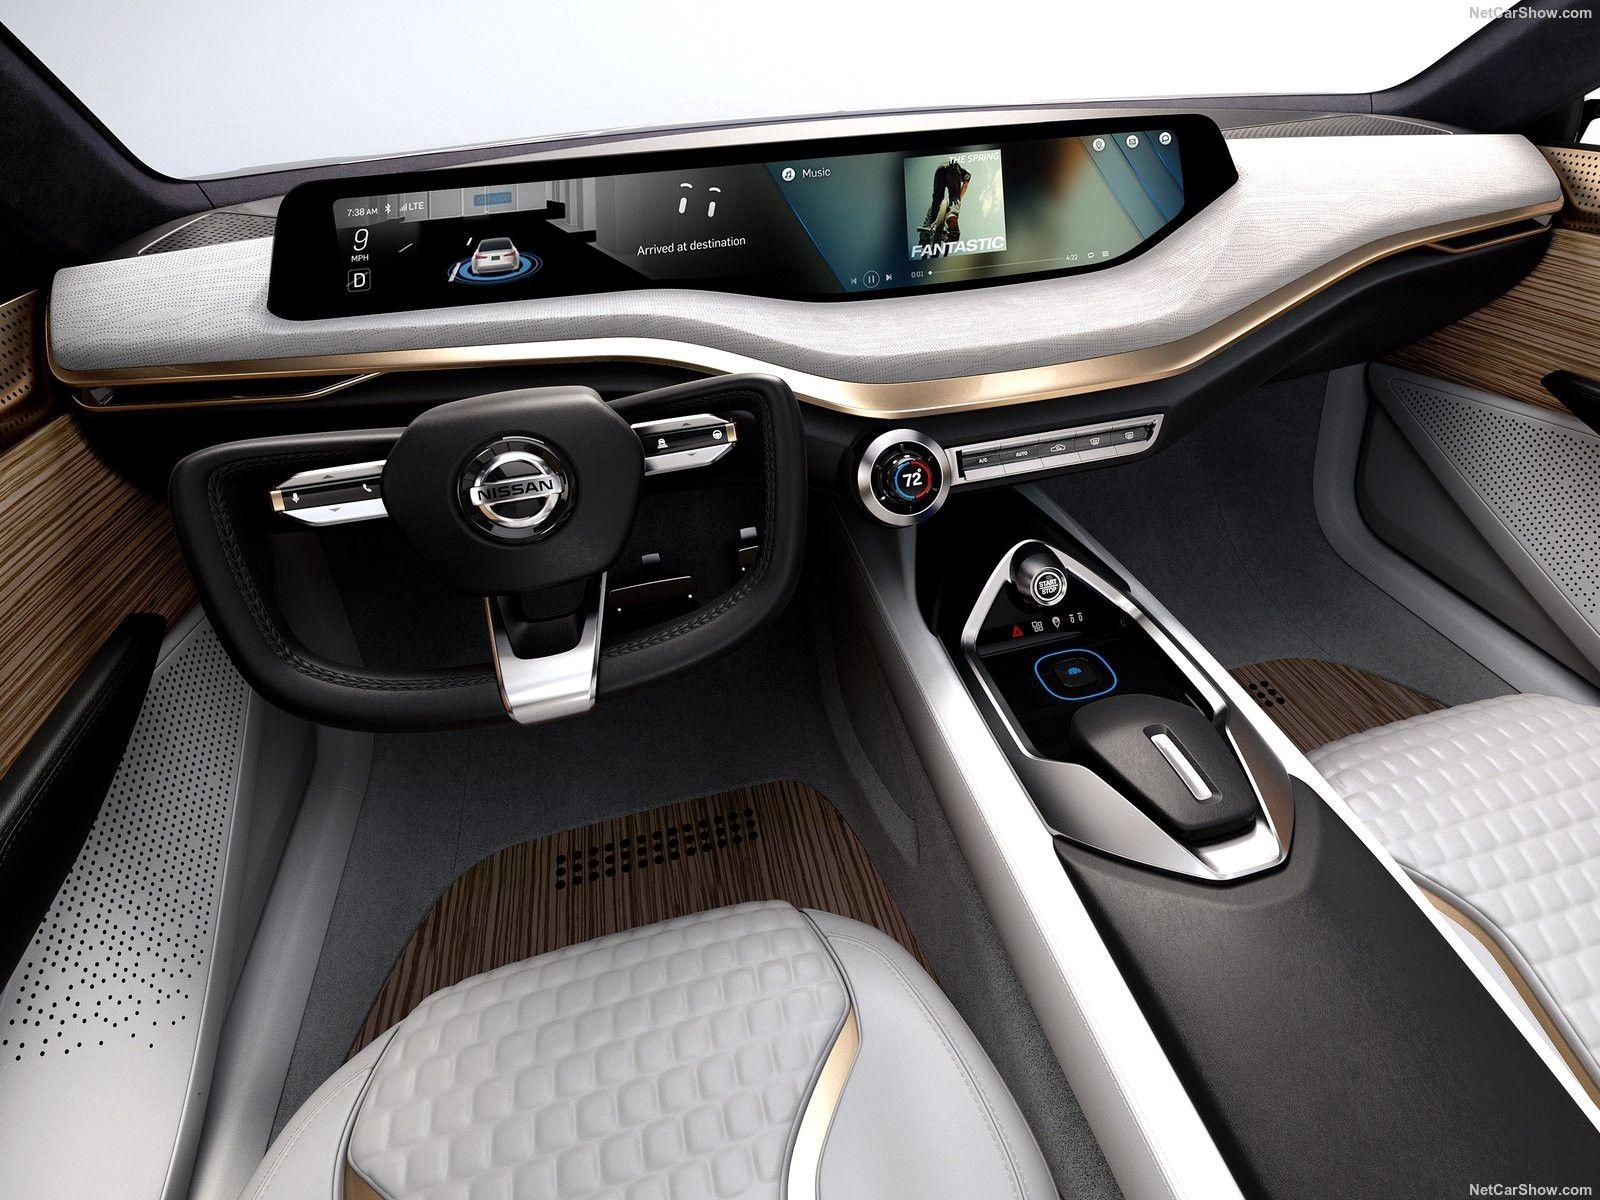 Modern UI Design of Automotive HMI